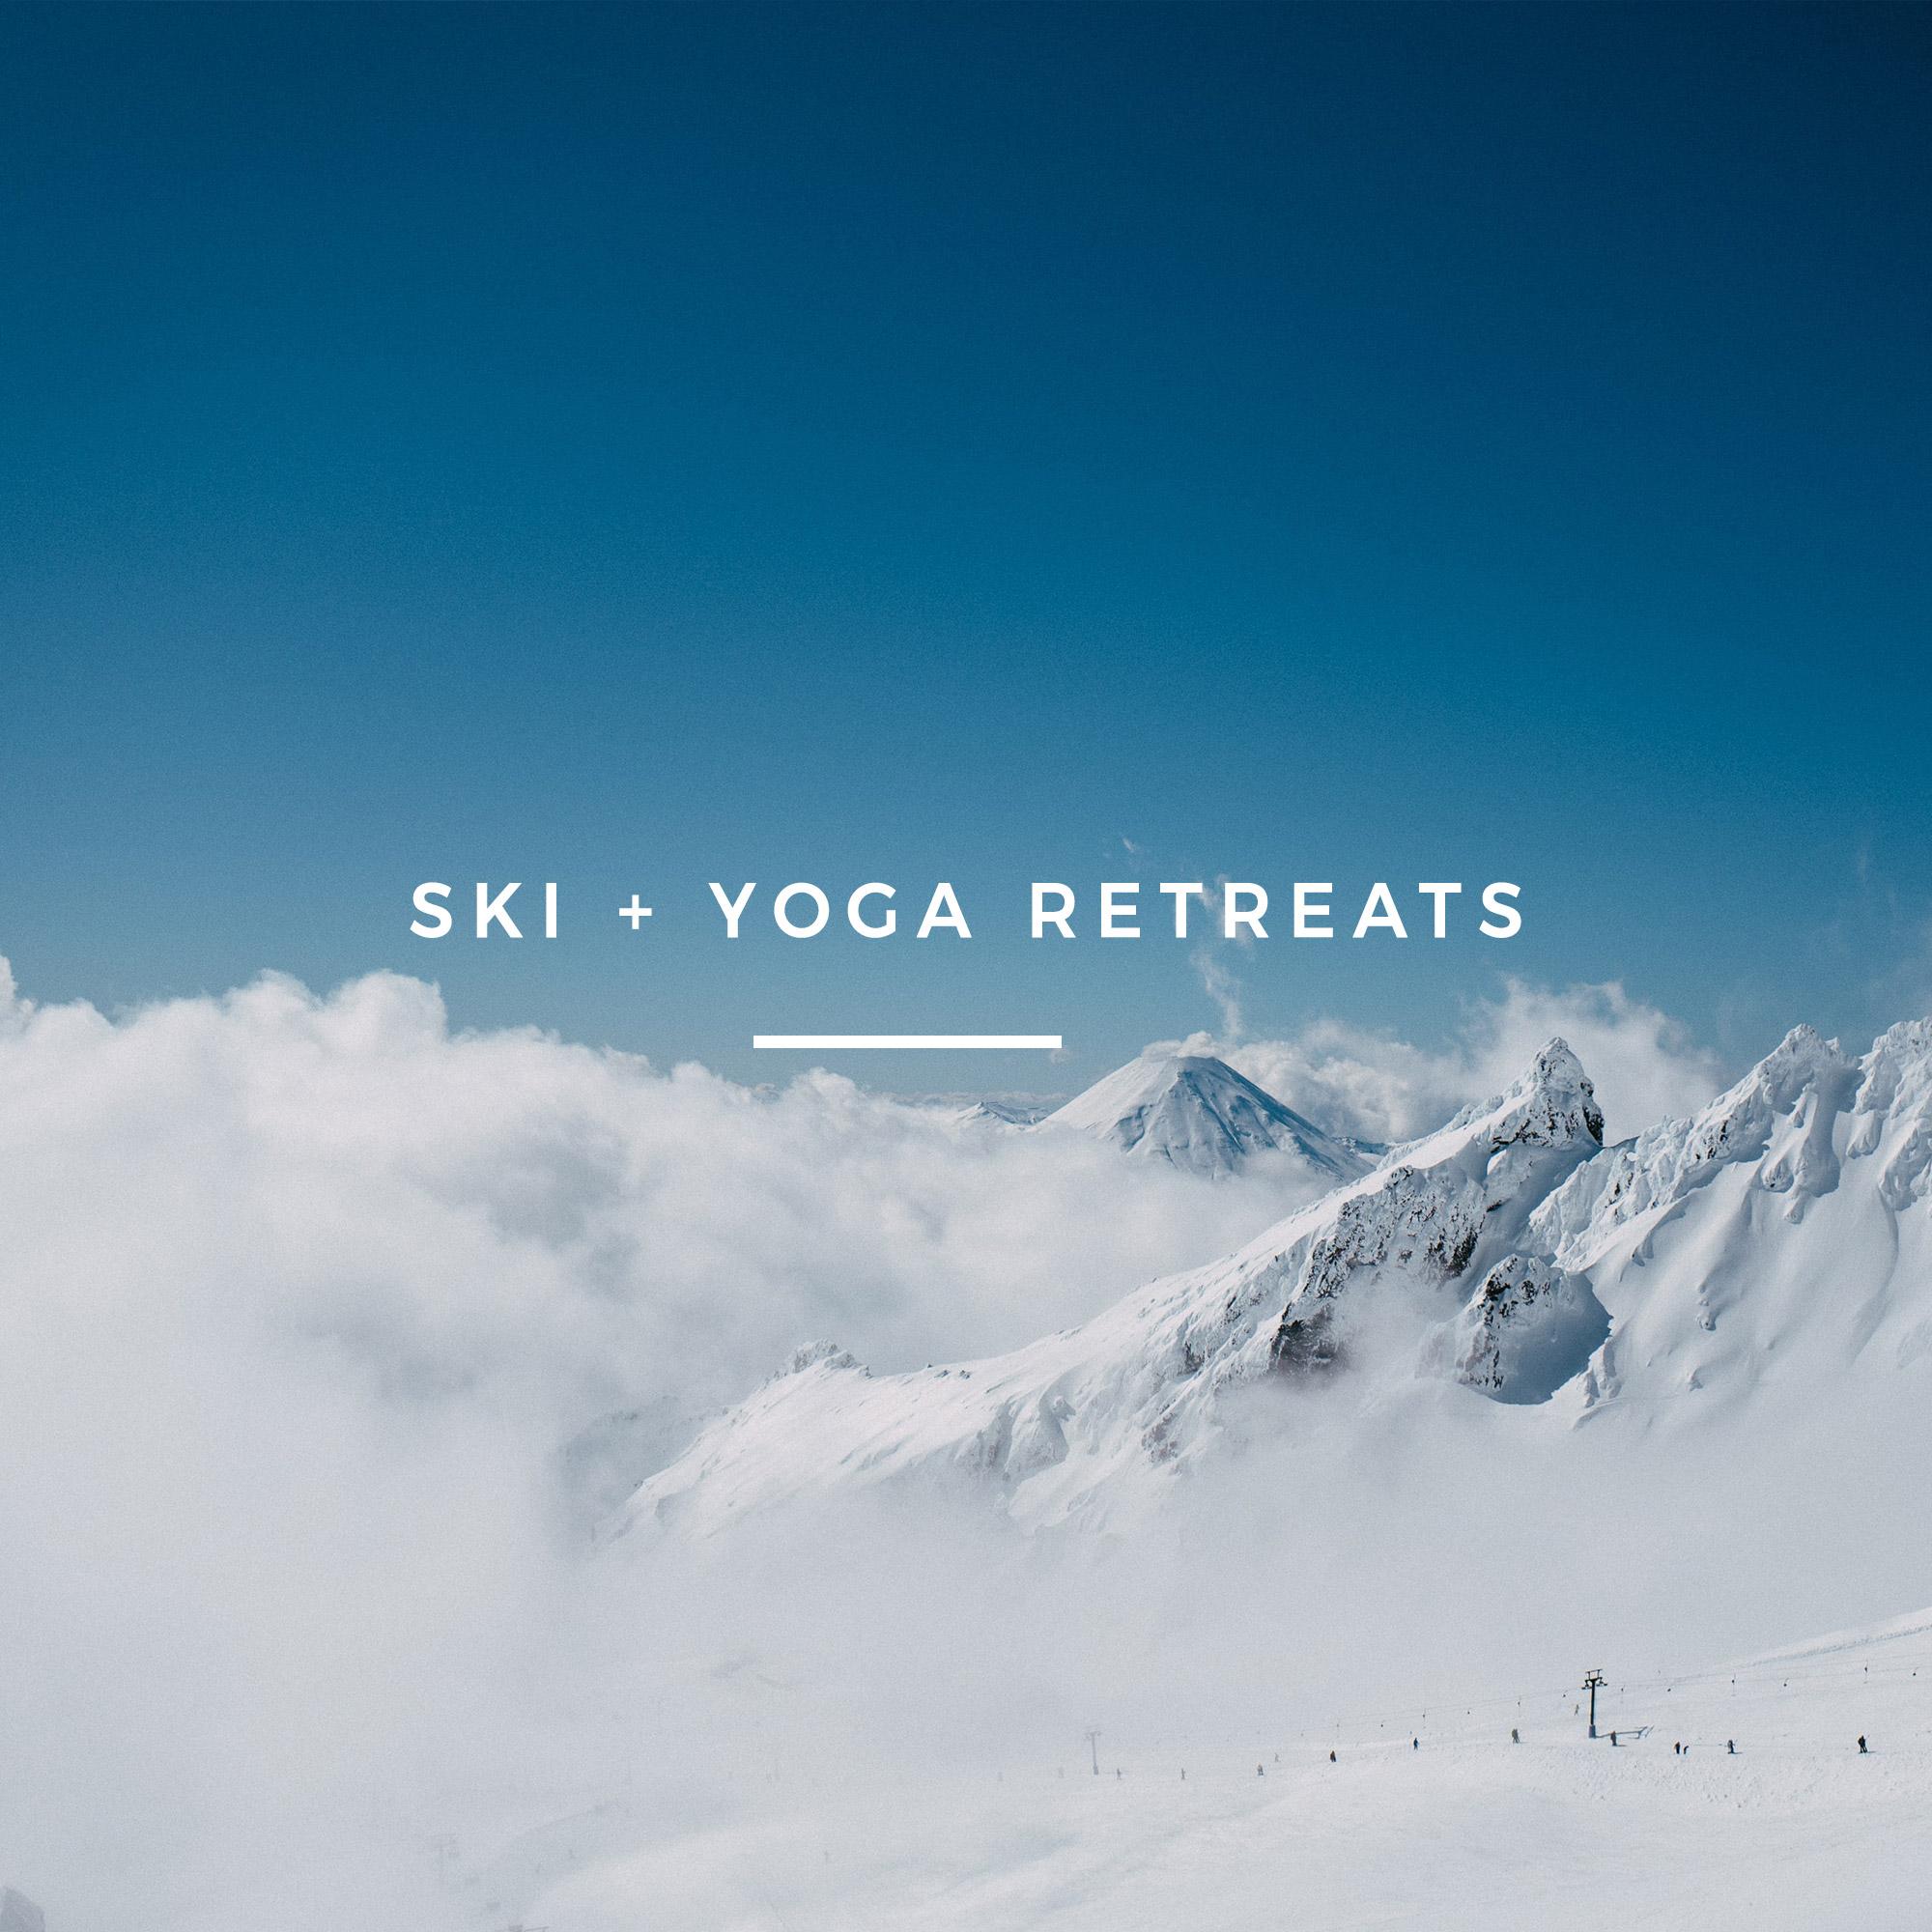 Ski and Yoga Retreats